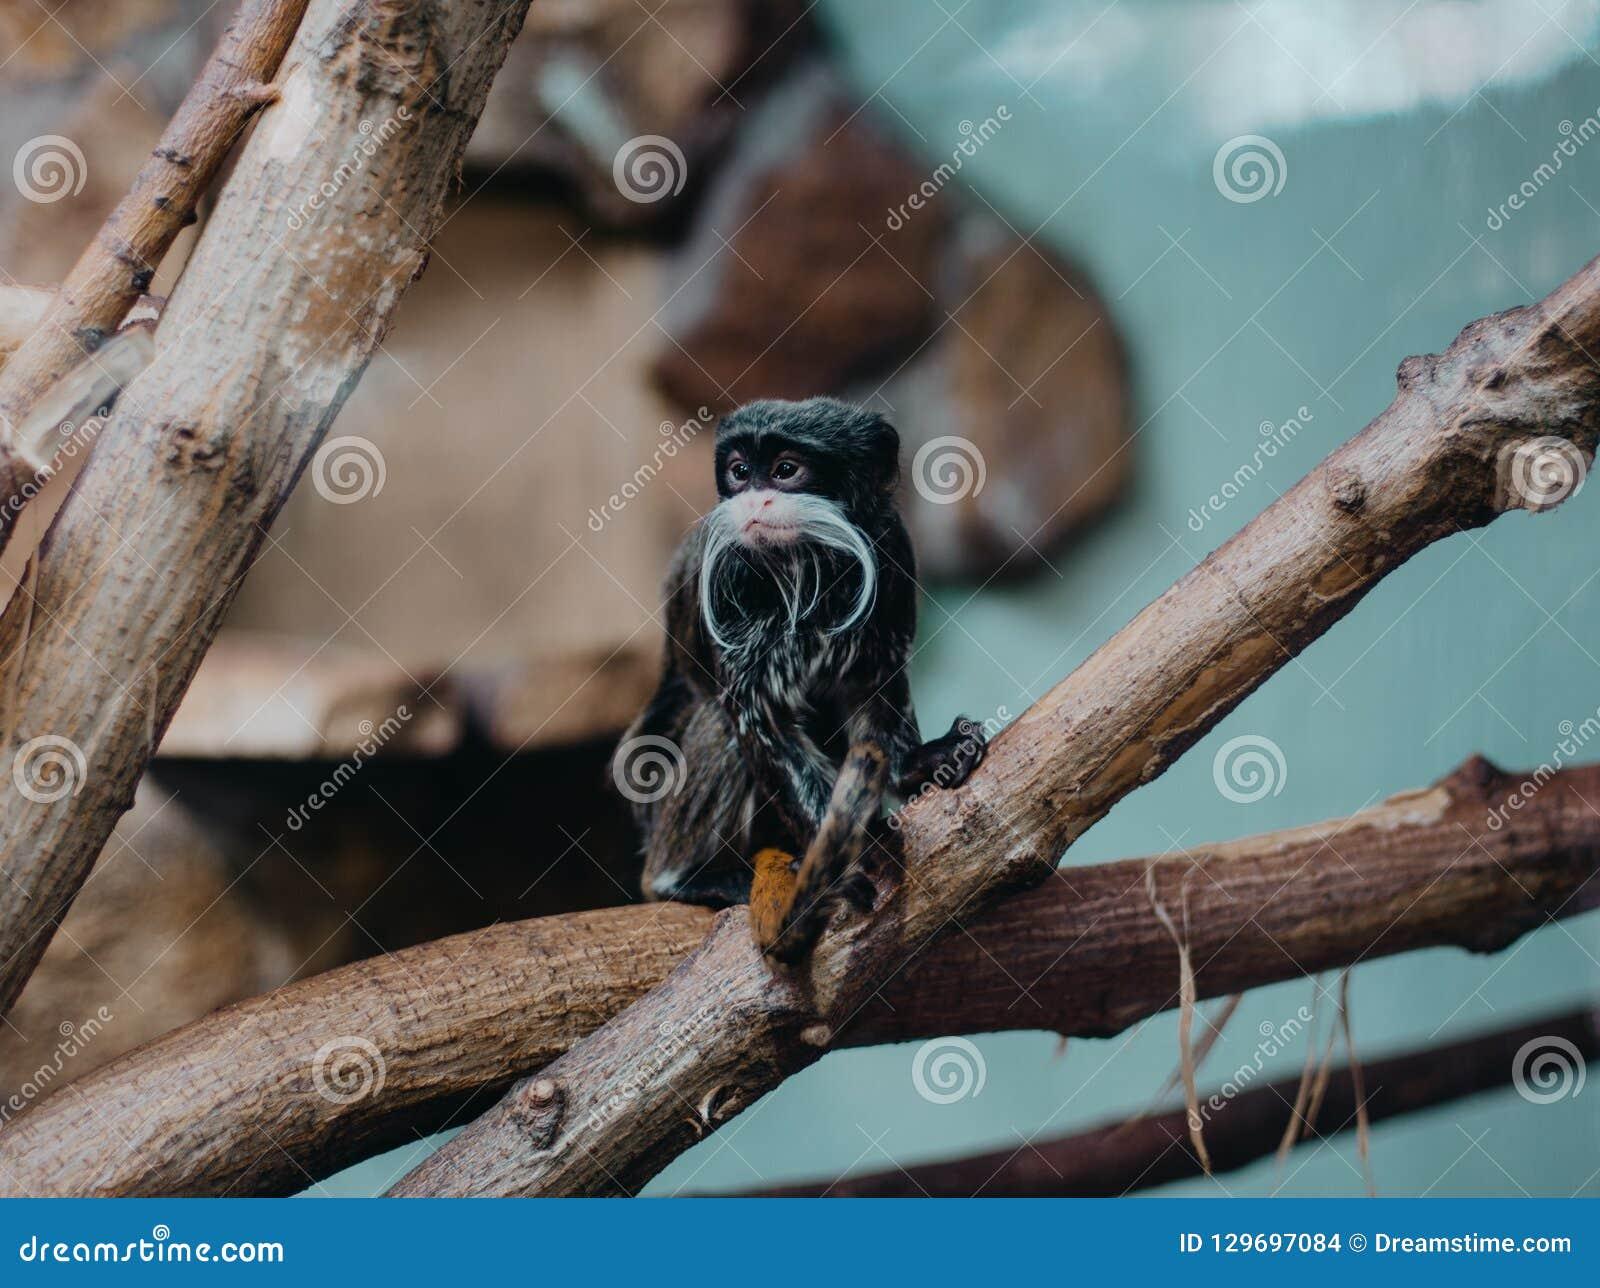 皇帝绢毛猴,Saguinus imperator,在树的髭猴子